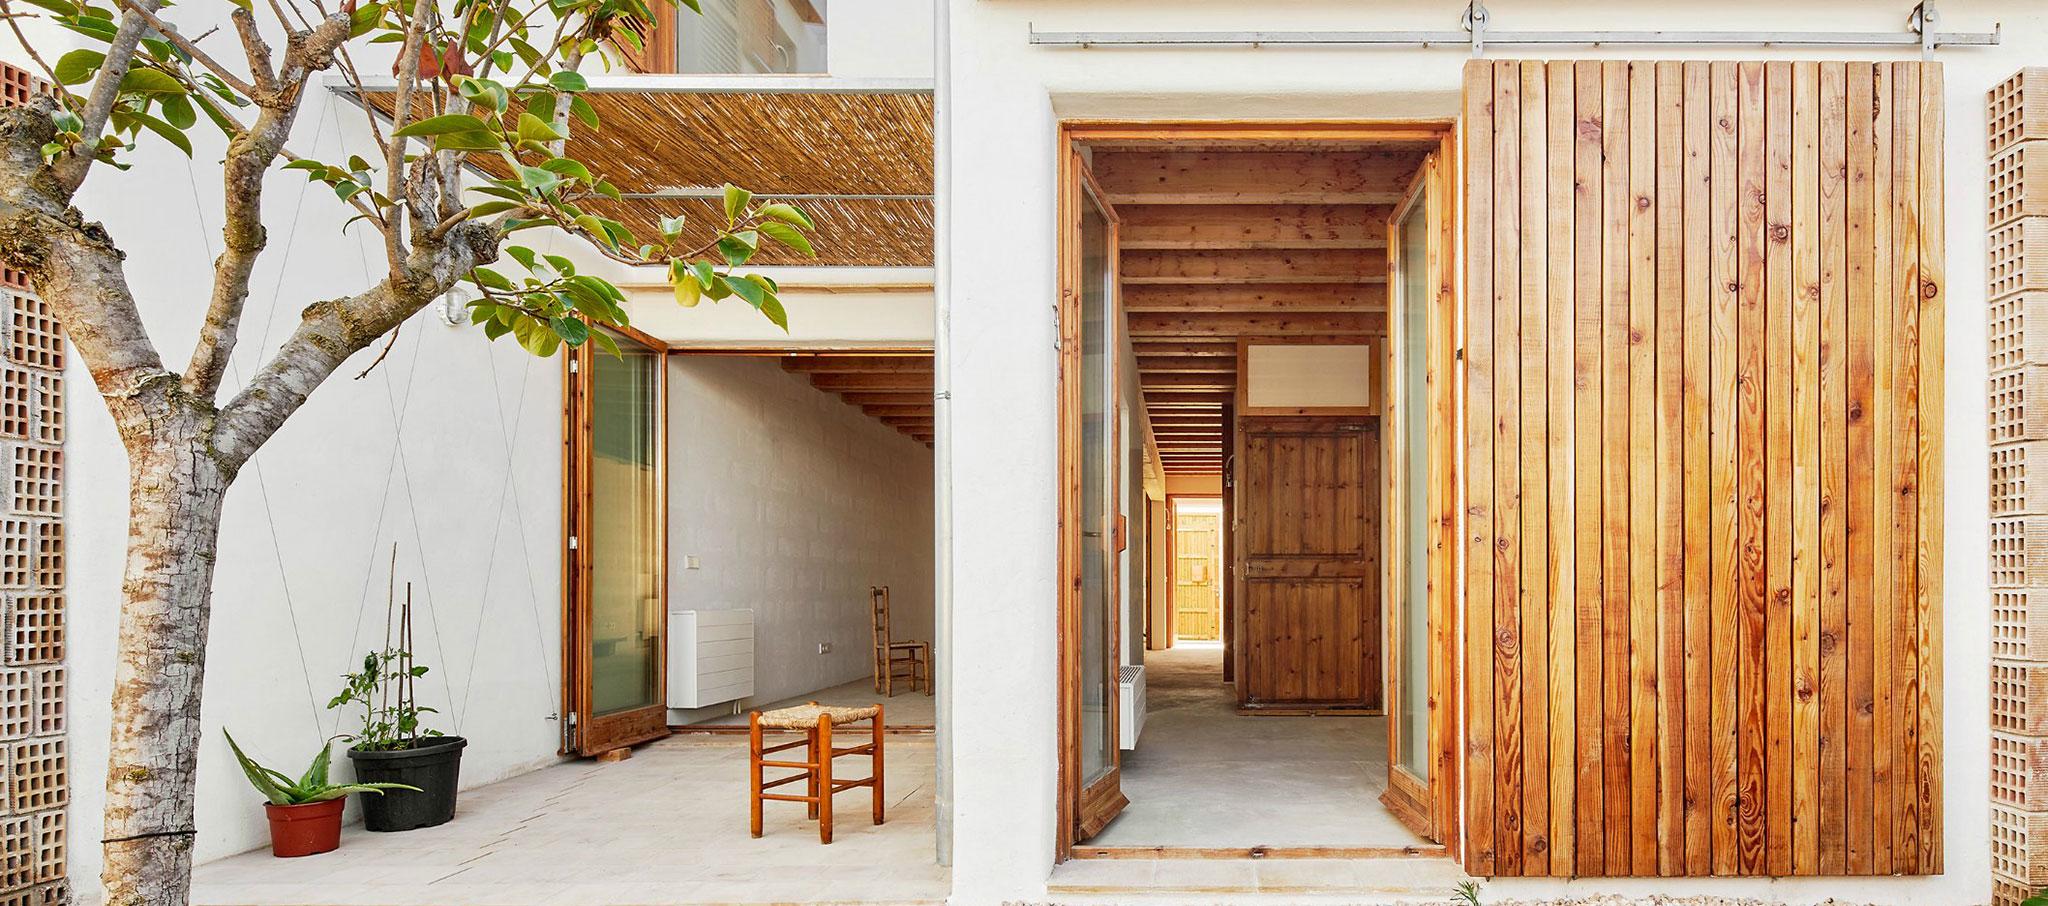 Vista del patio. Vivienda social en Formentera. Proyecto de Adaptación al Cambio Climático financiado por la Unión Europea. Fotografía por José Hevia